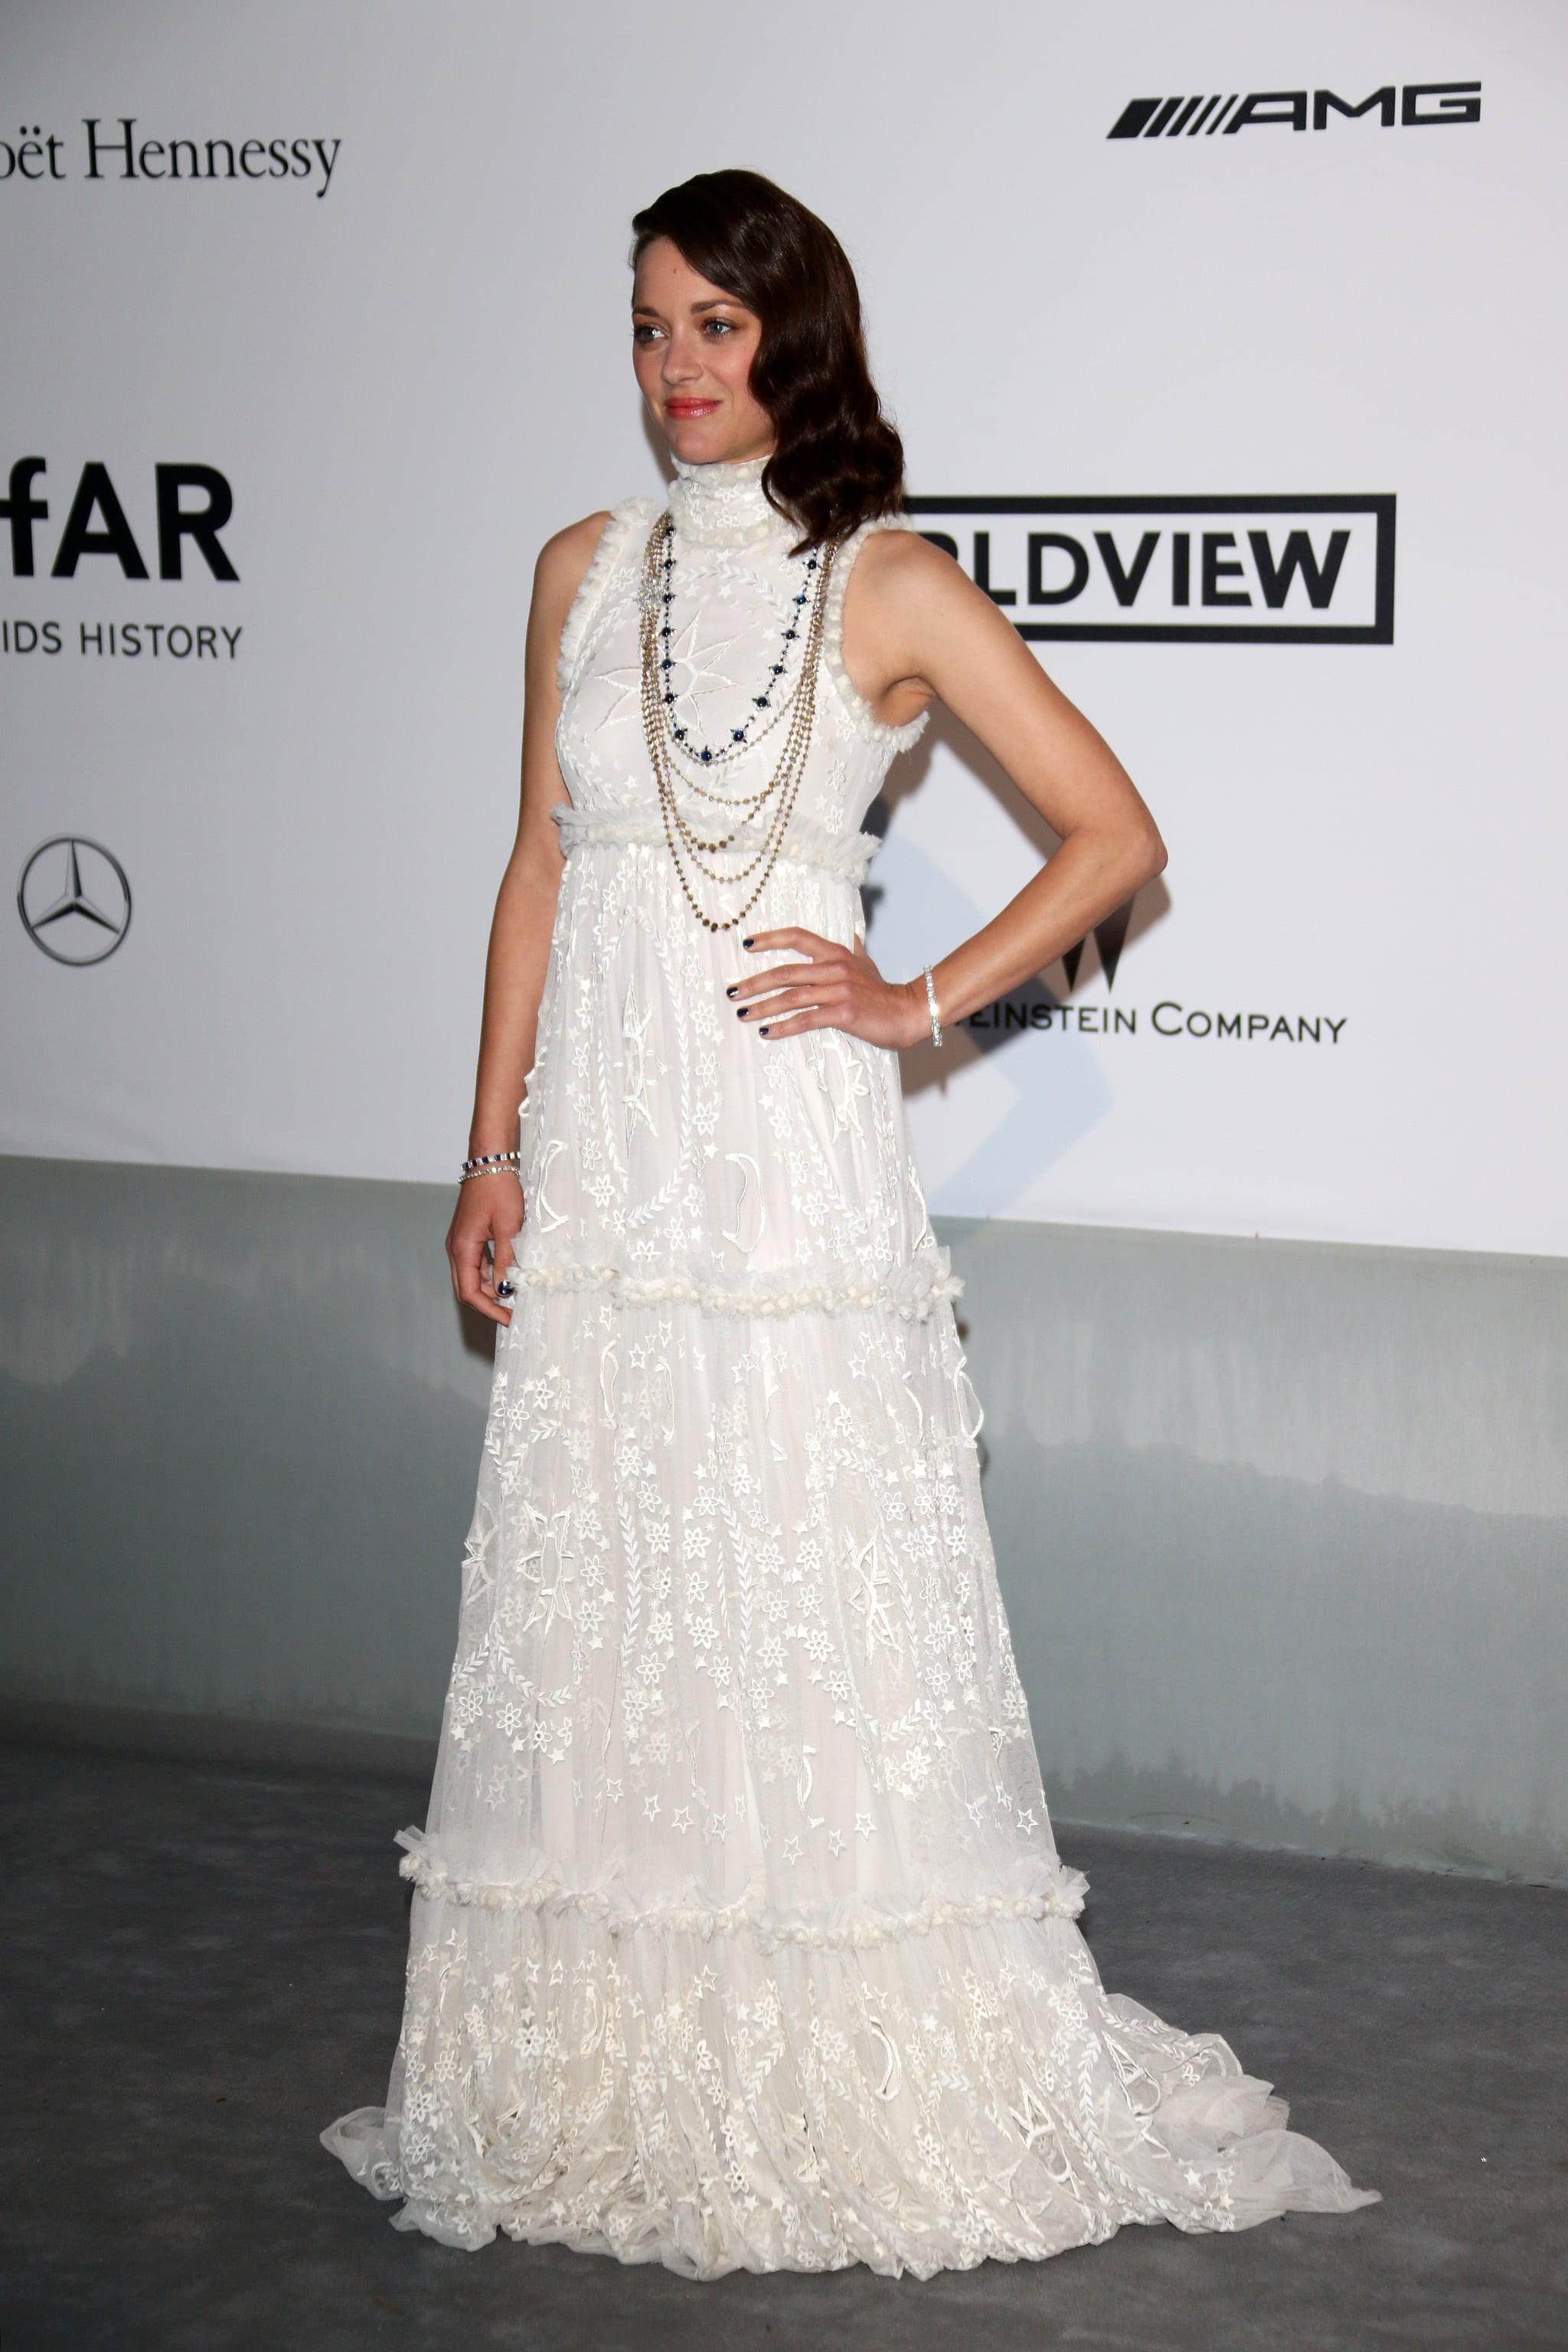 Marion Cotillard looking stunning in white.